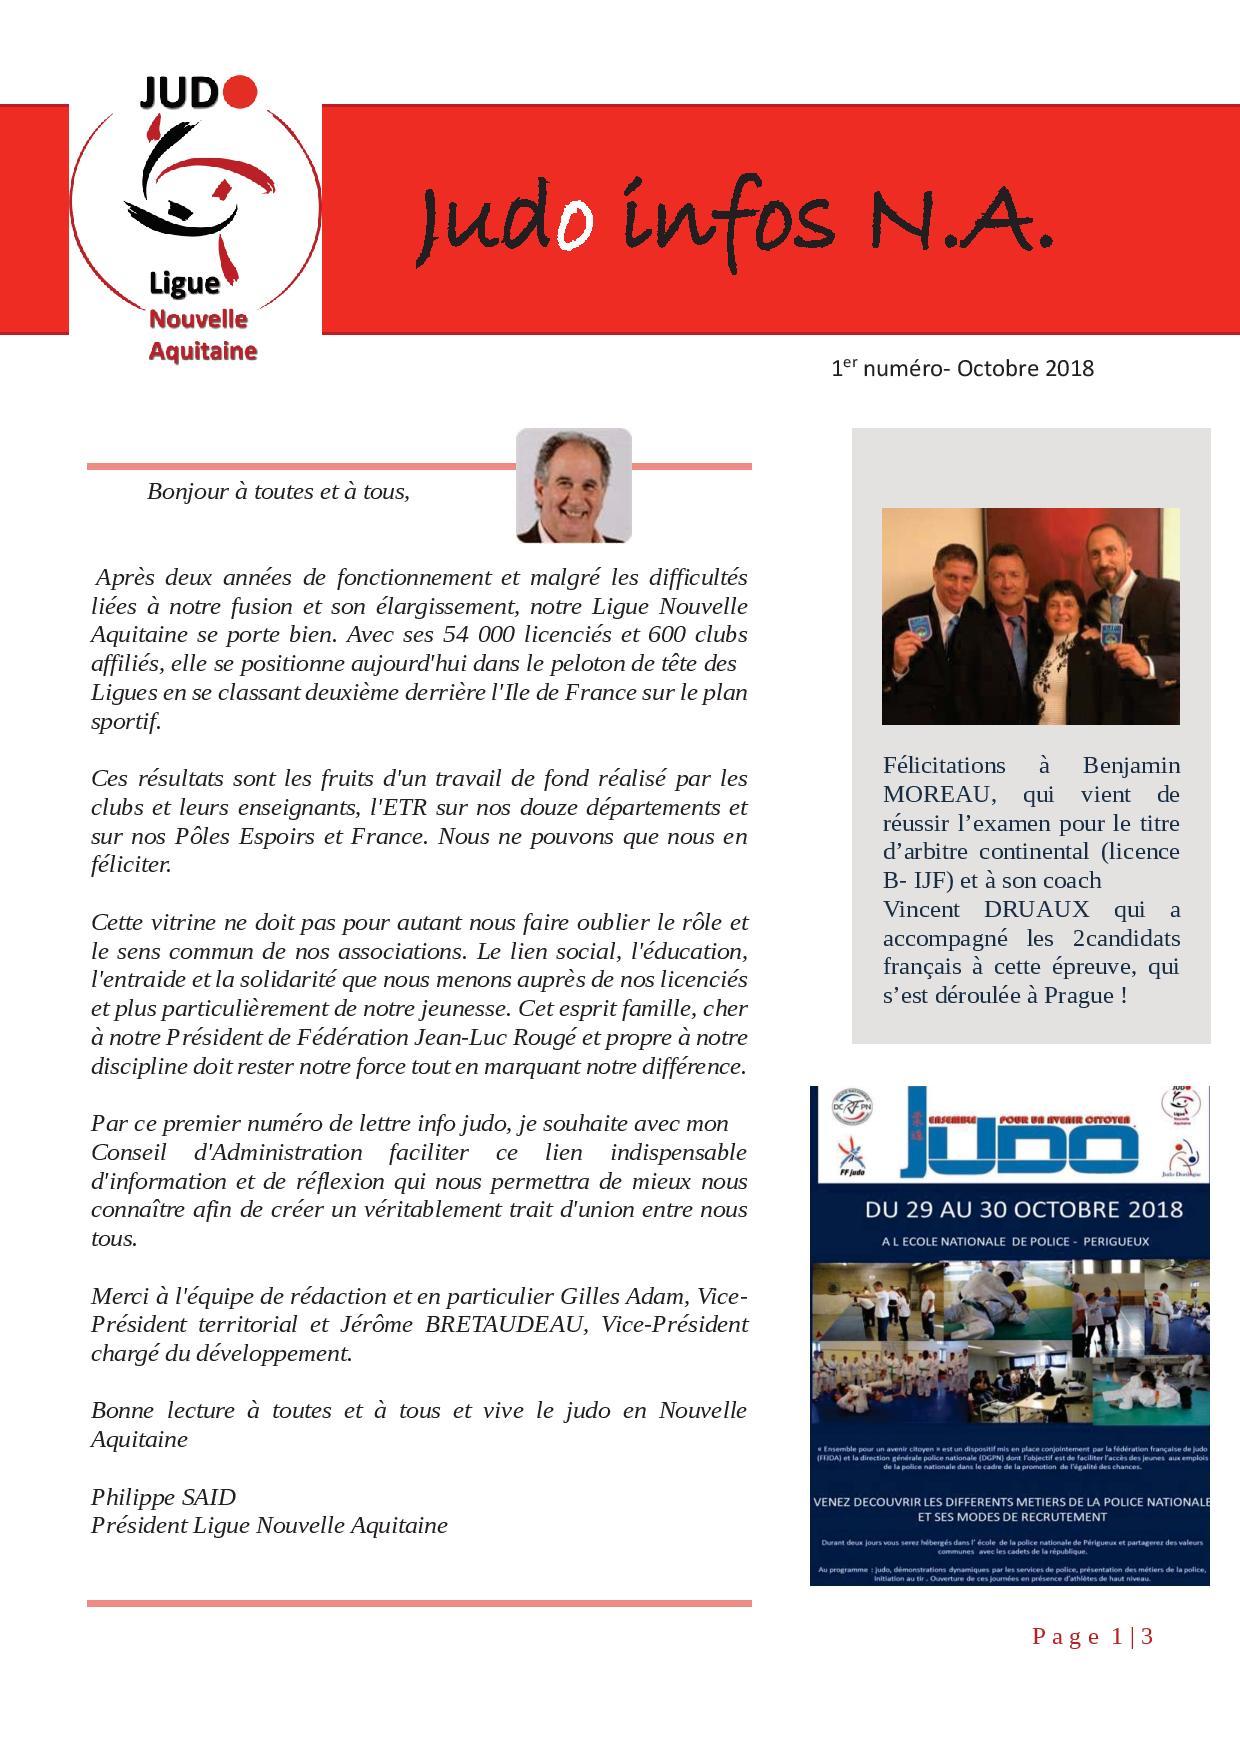 Judo Aquitaine infos   Site de judoclubdesaintvaury !